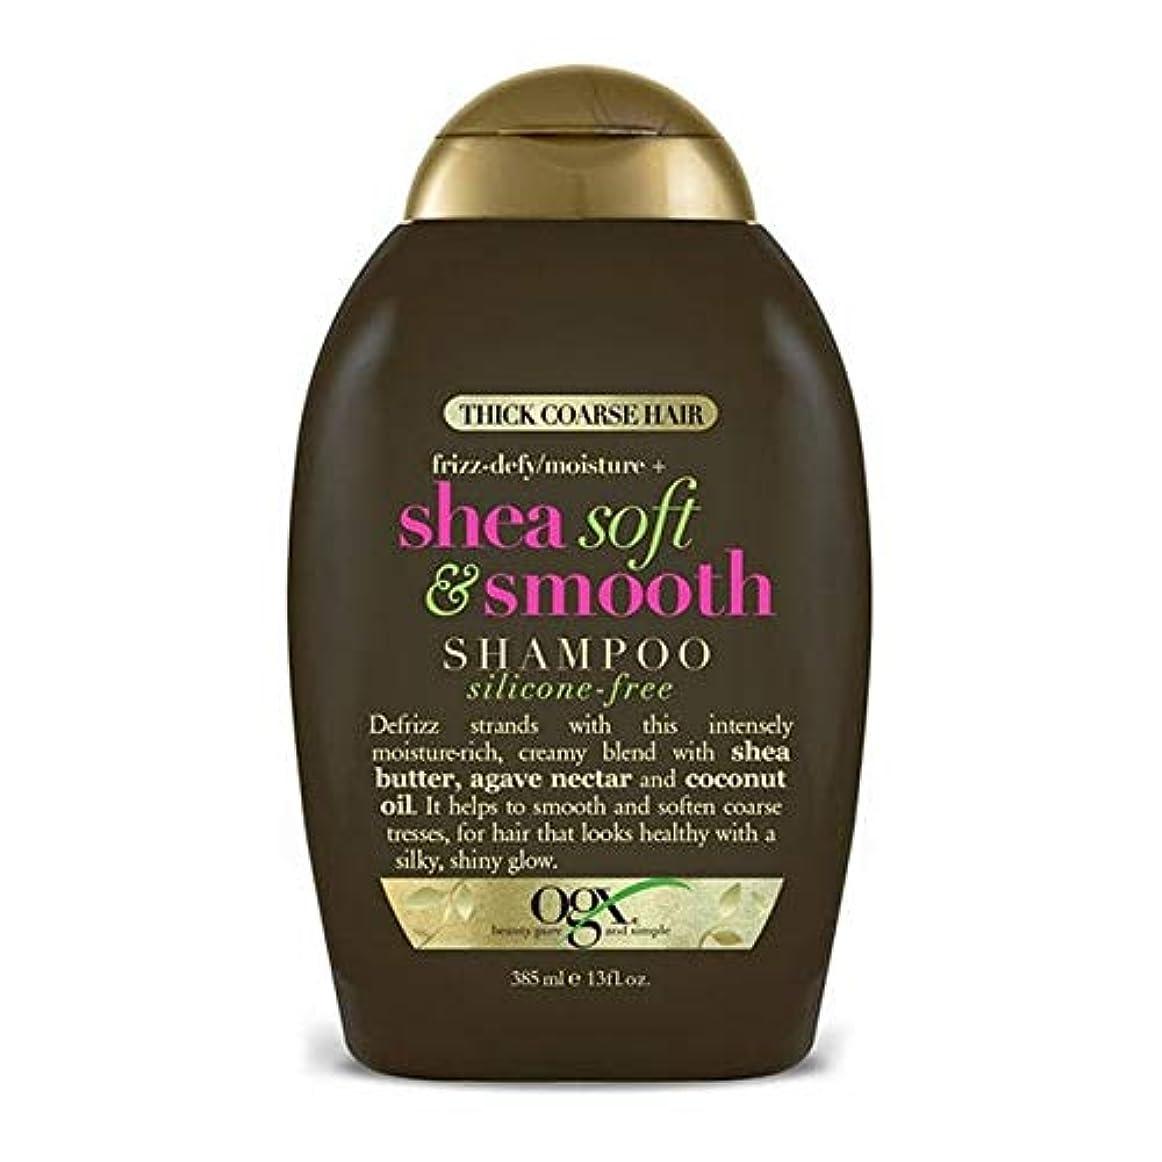 枝代わりのオペレーター[Ogx] Ogxシリコンフリーシアソフトで滑らかなシャンプー385ミリリットル - OGX Silicone-Free Shea Soft and Smooth Shampoo 385ml [並行輸入品]